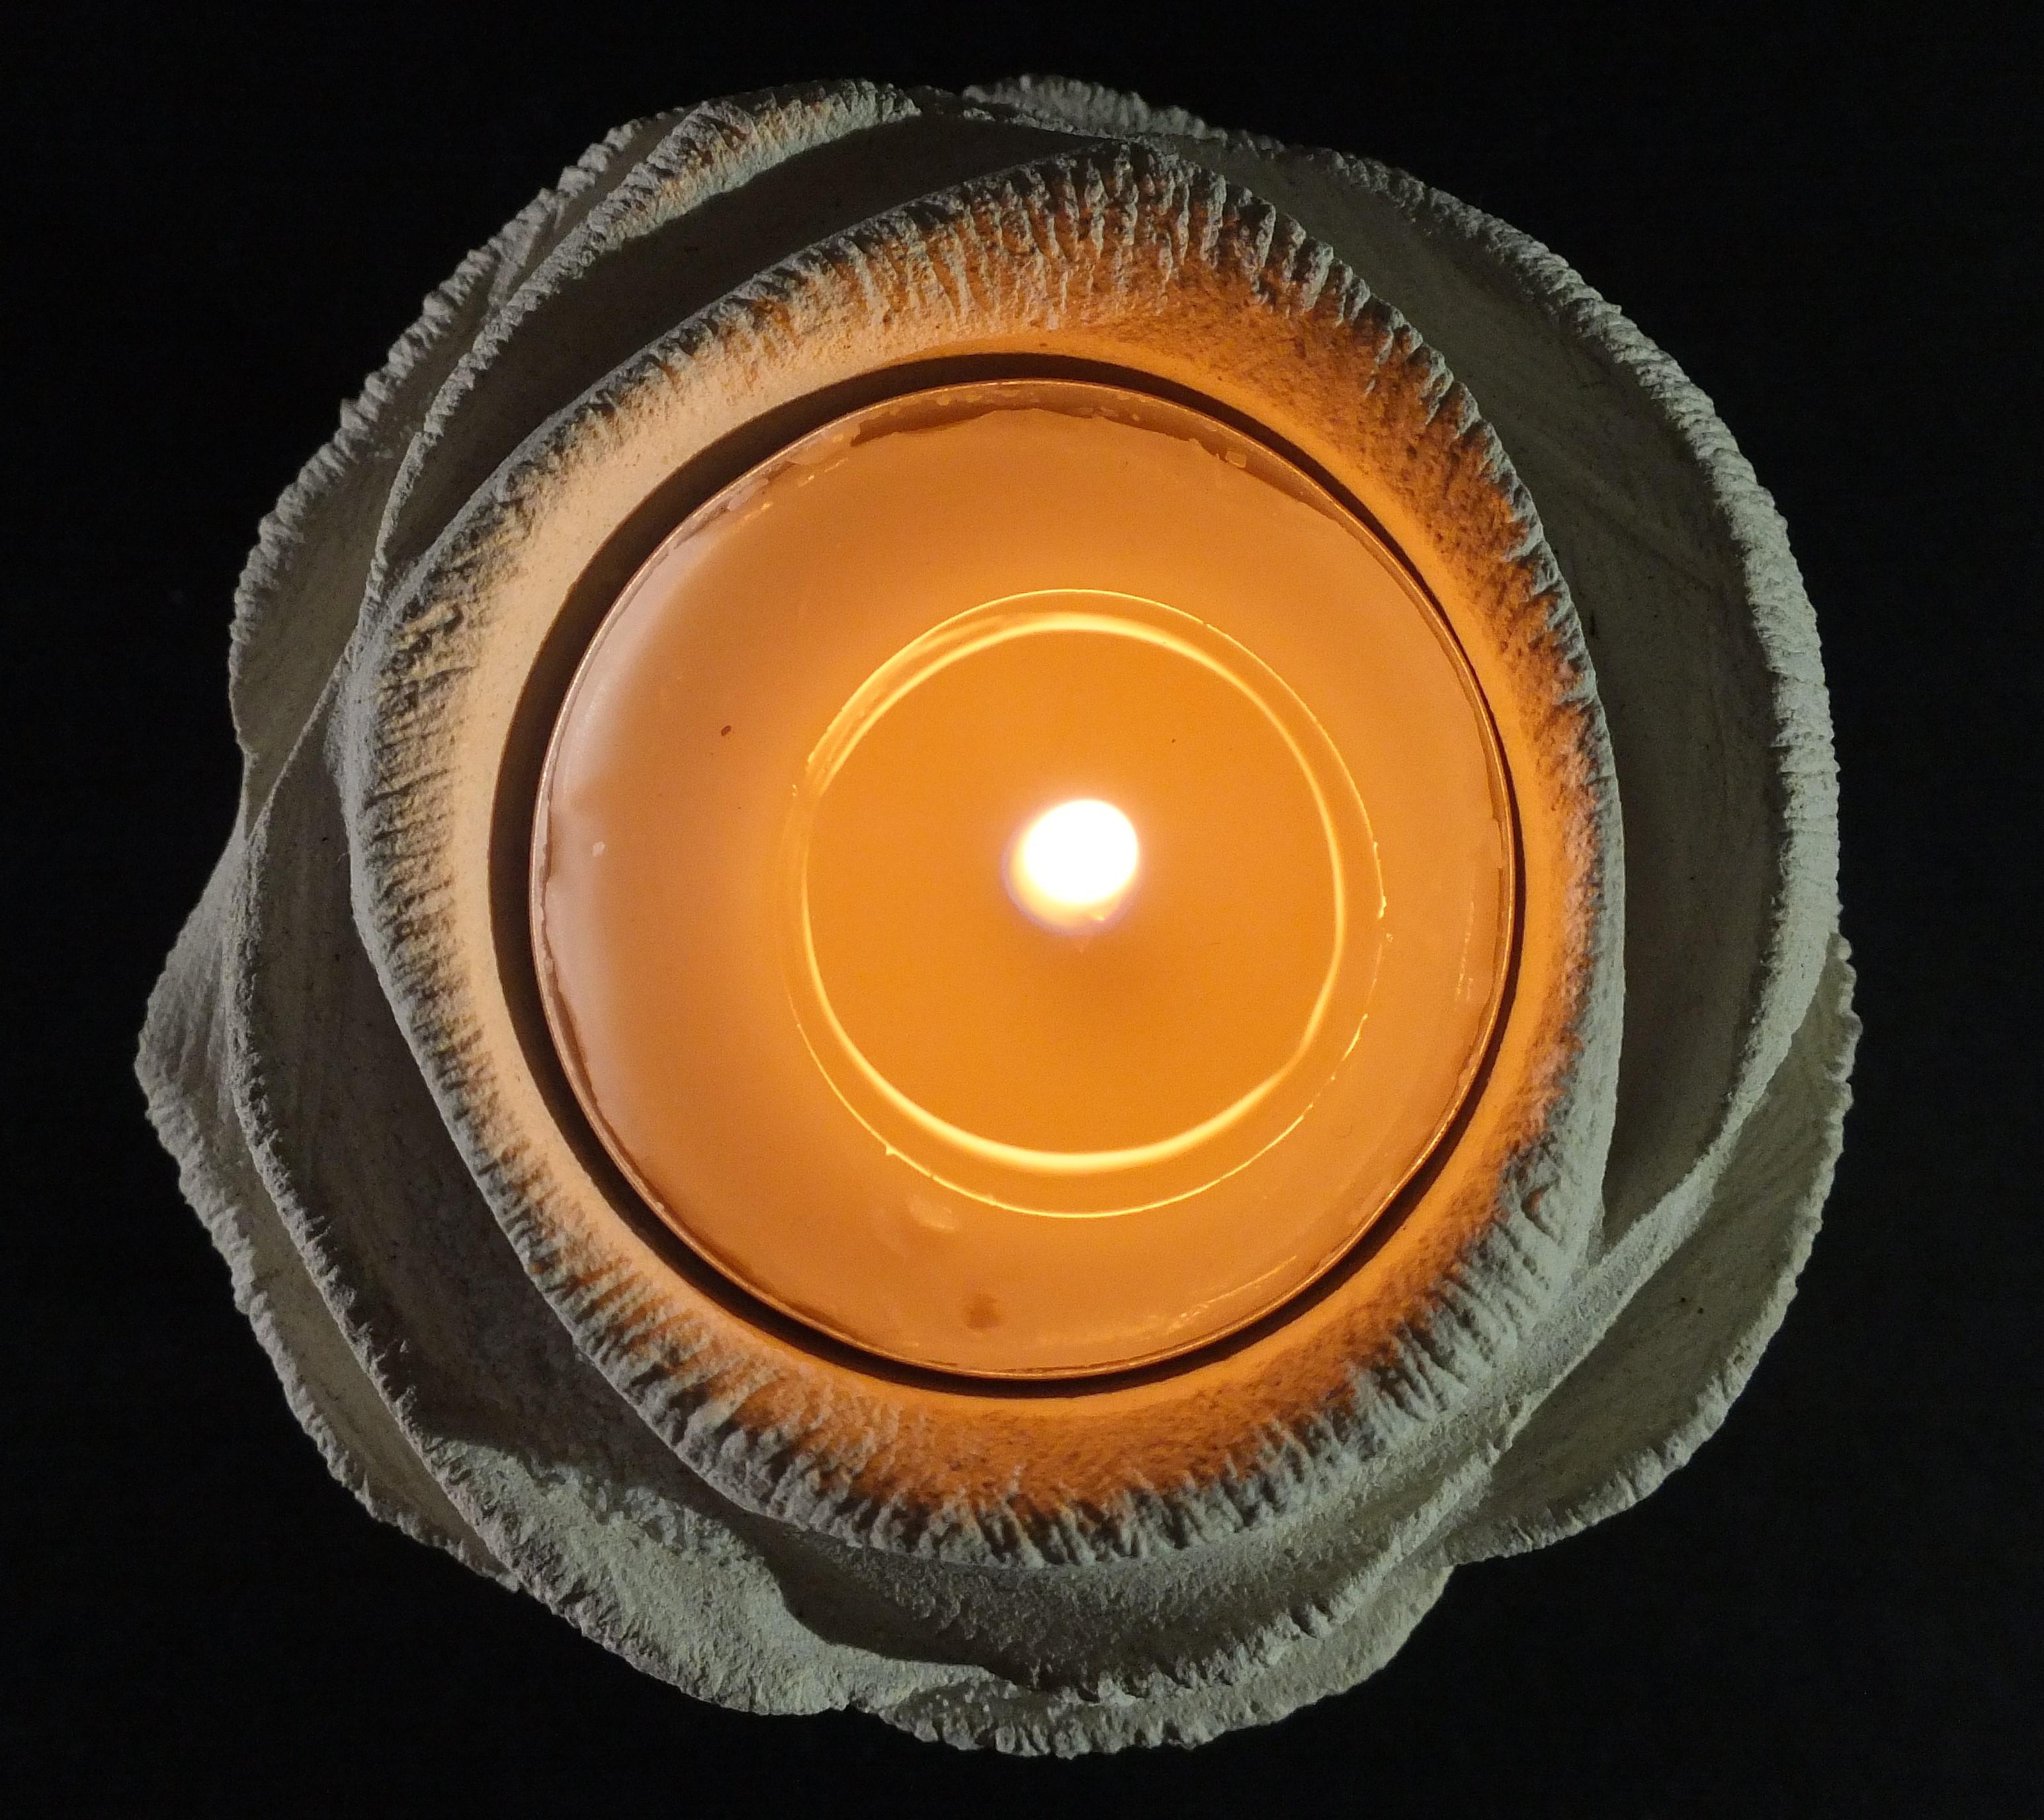 Rosa_porta candela_dettaglio_nero